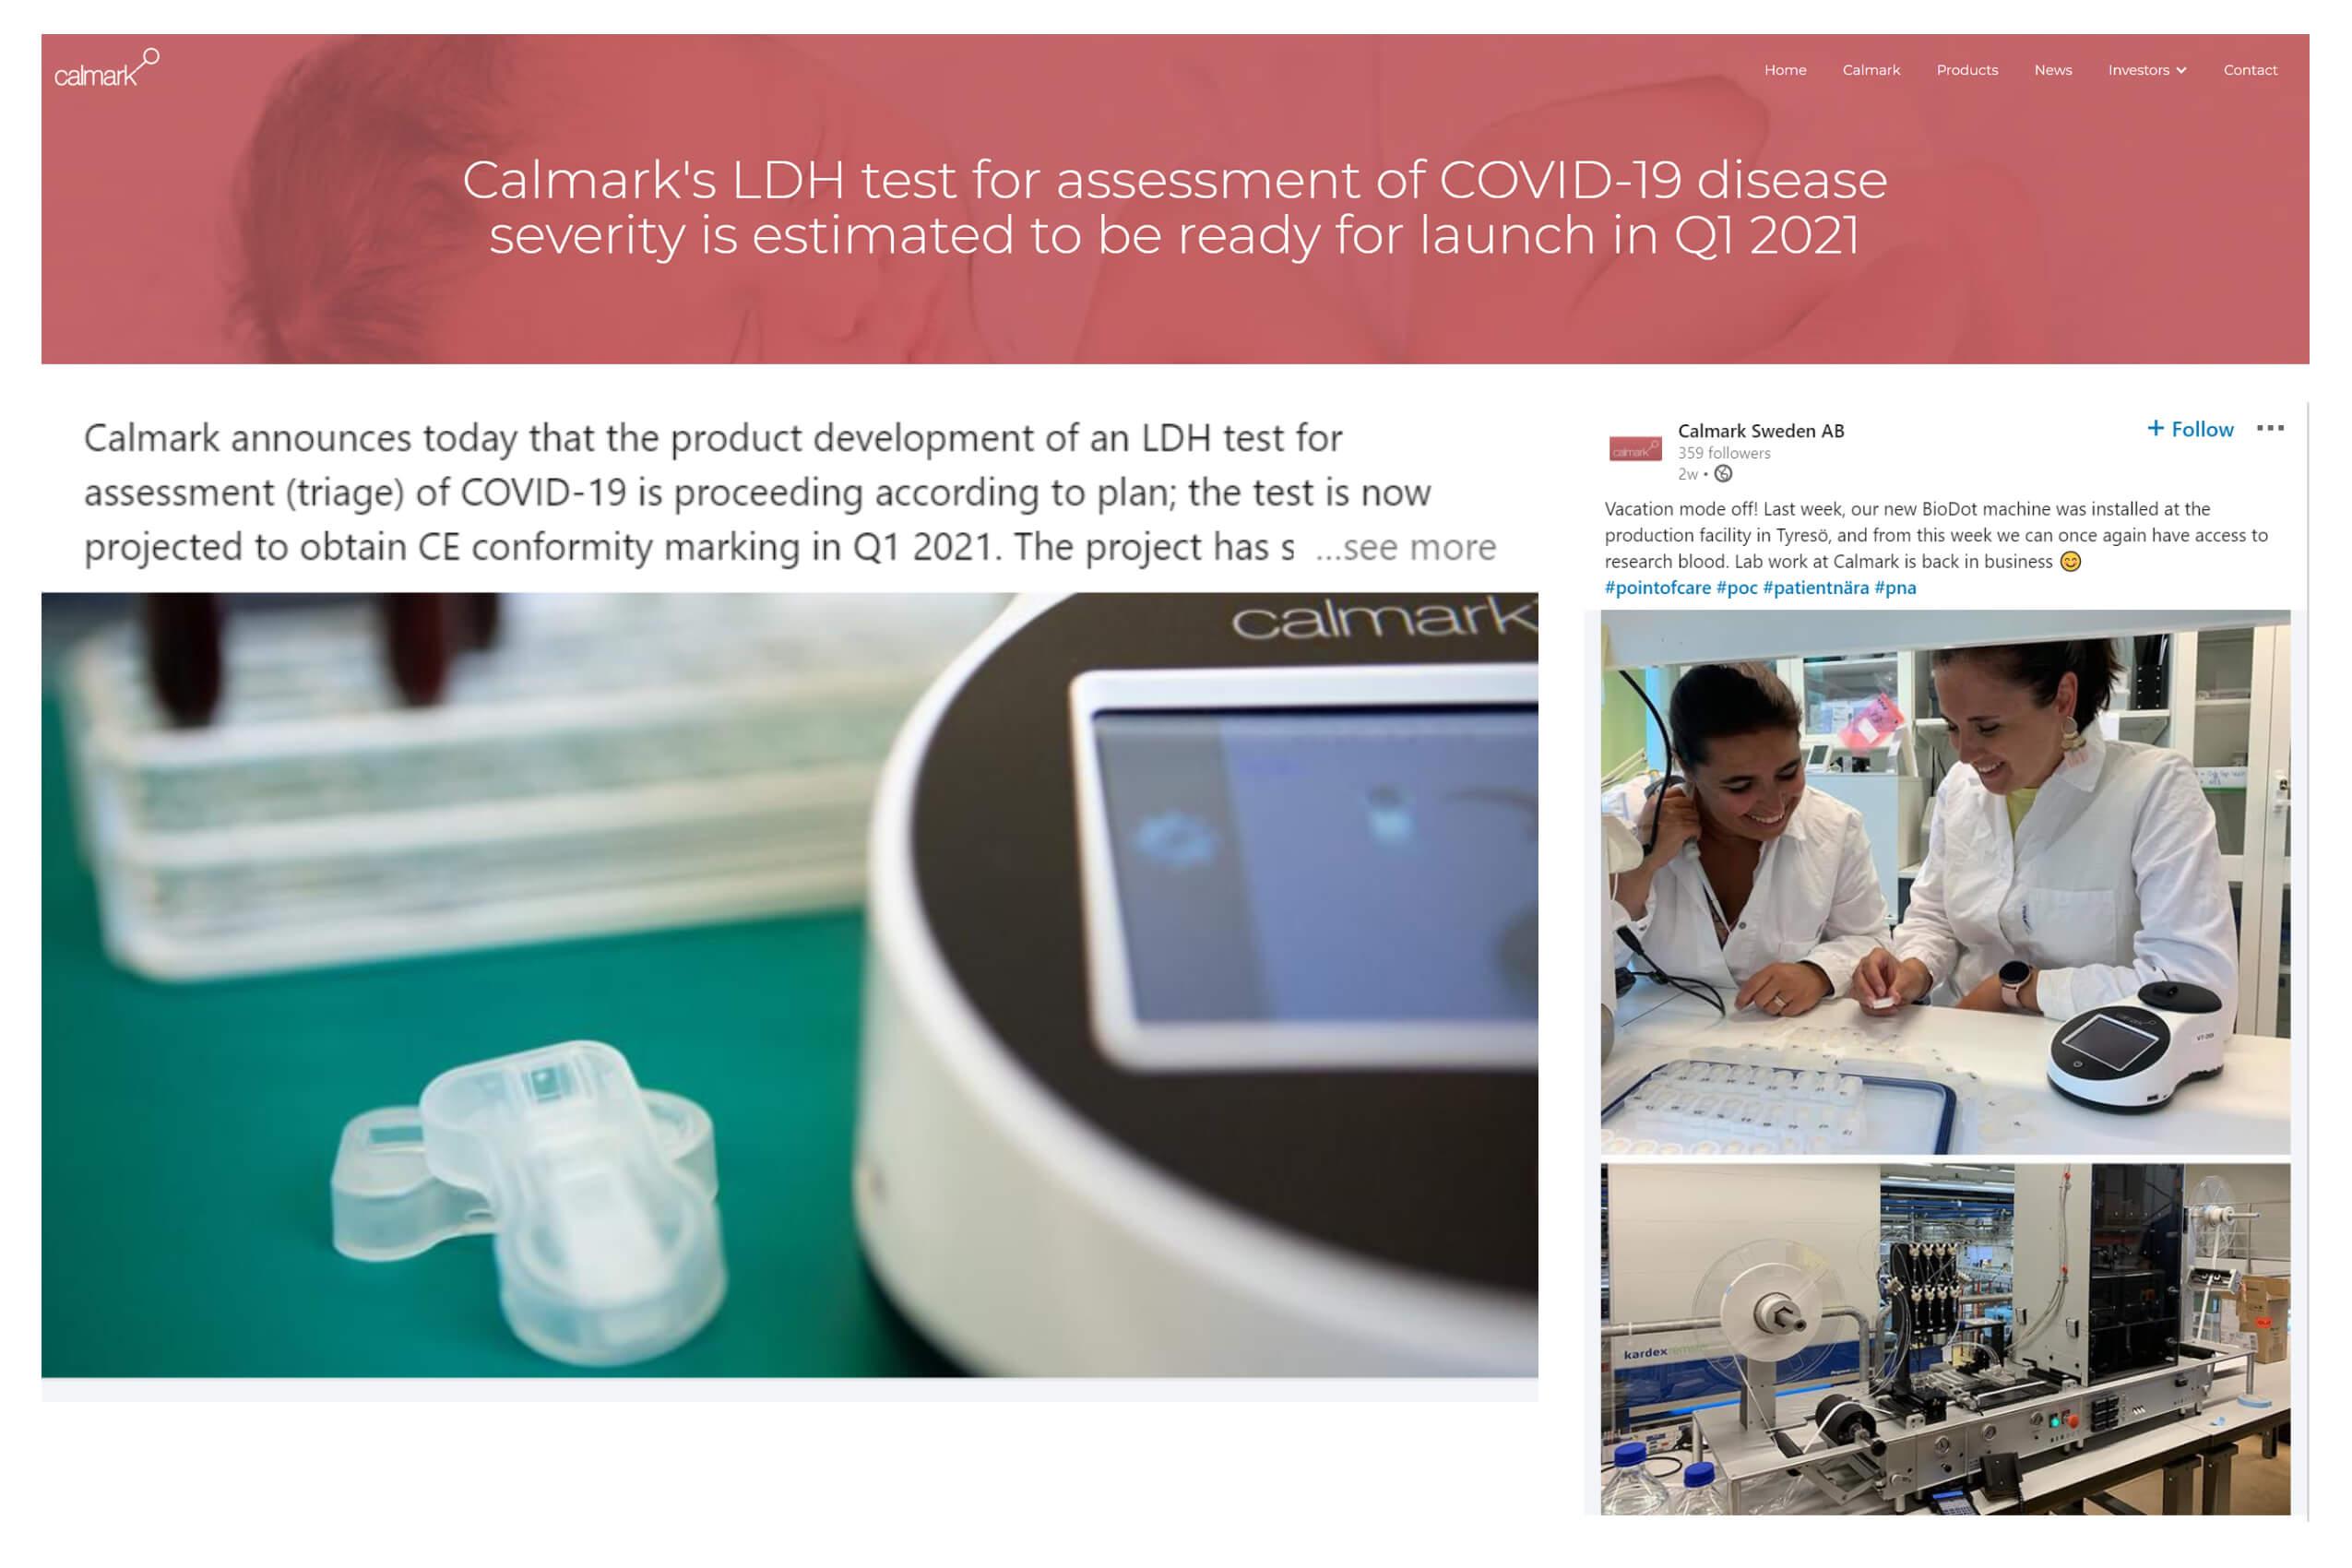 Calmark announces development of LDH test for assessment of Covid-19